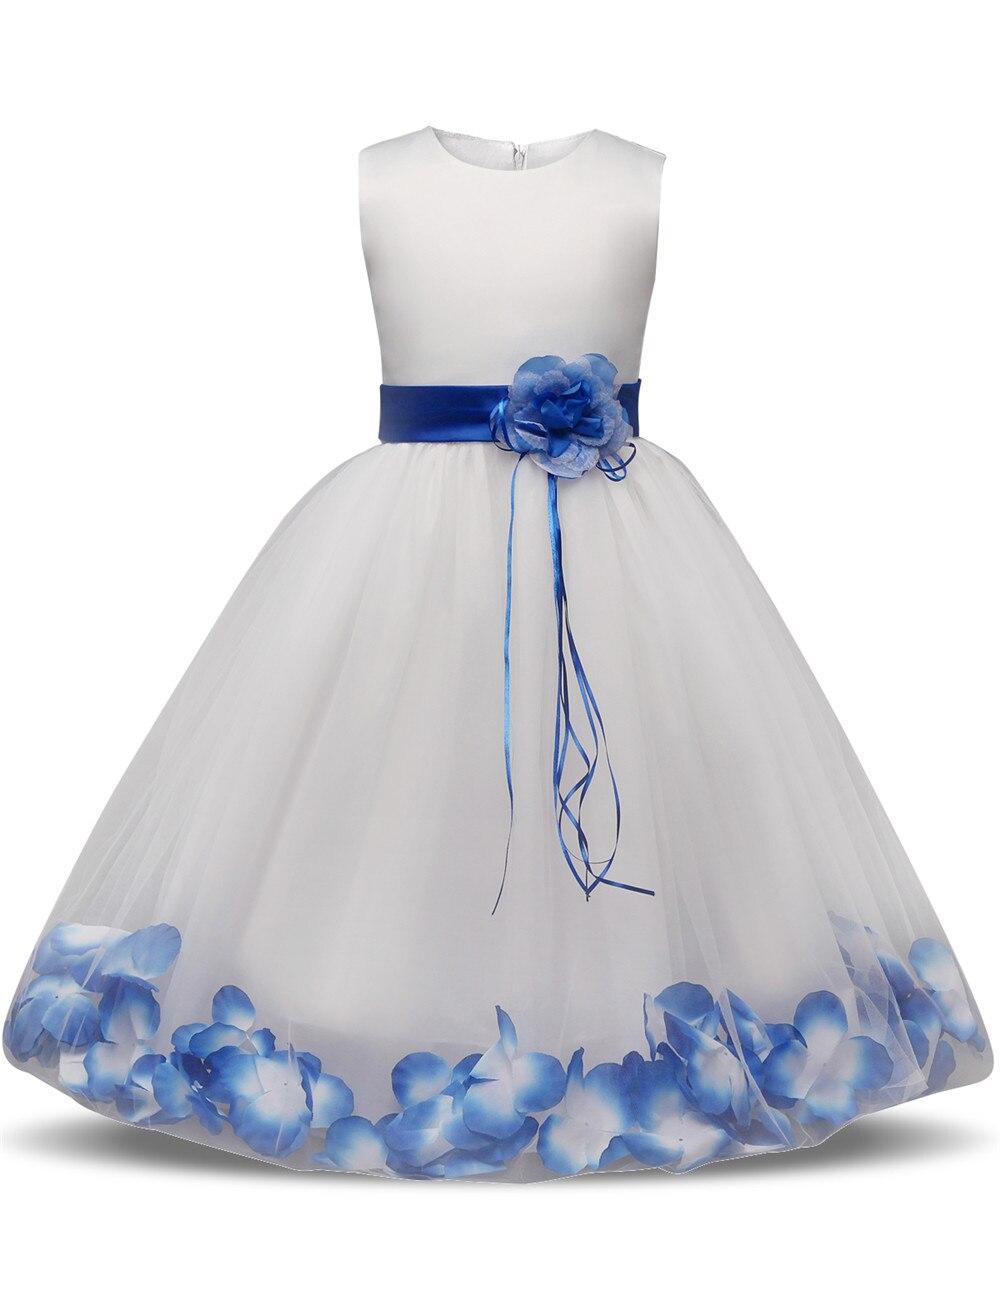 Phantasie Blume Kinder Prinzessin Kleider Mädchen Kid Zeremonie ...